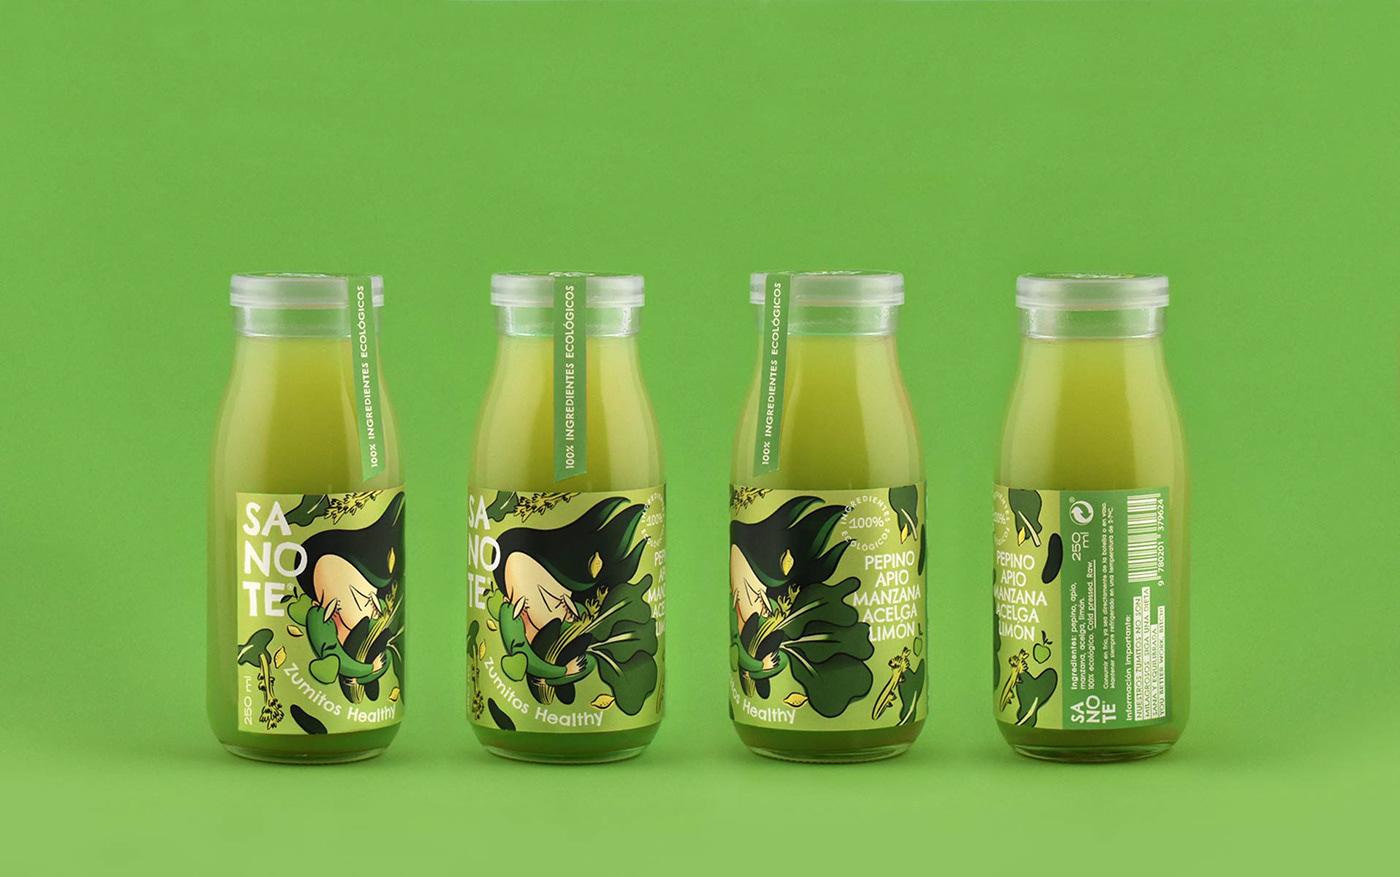 Sanote Zumitos Healthy健康果汁包装设计